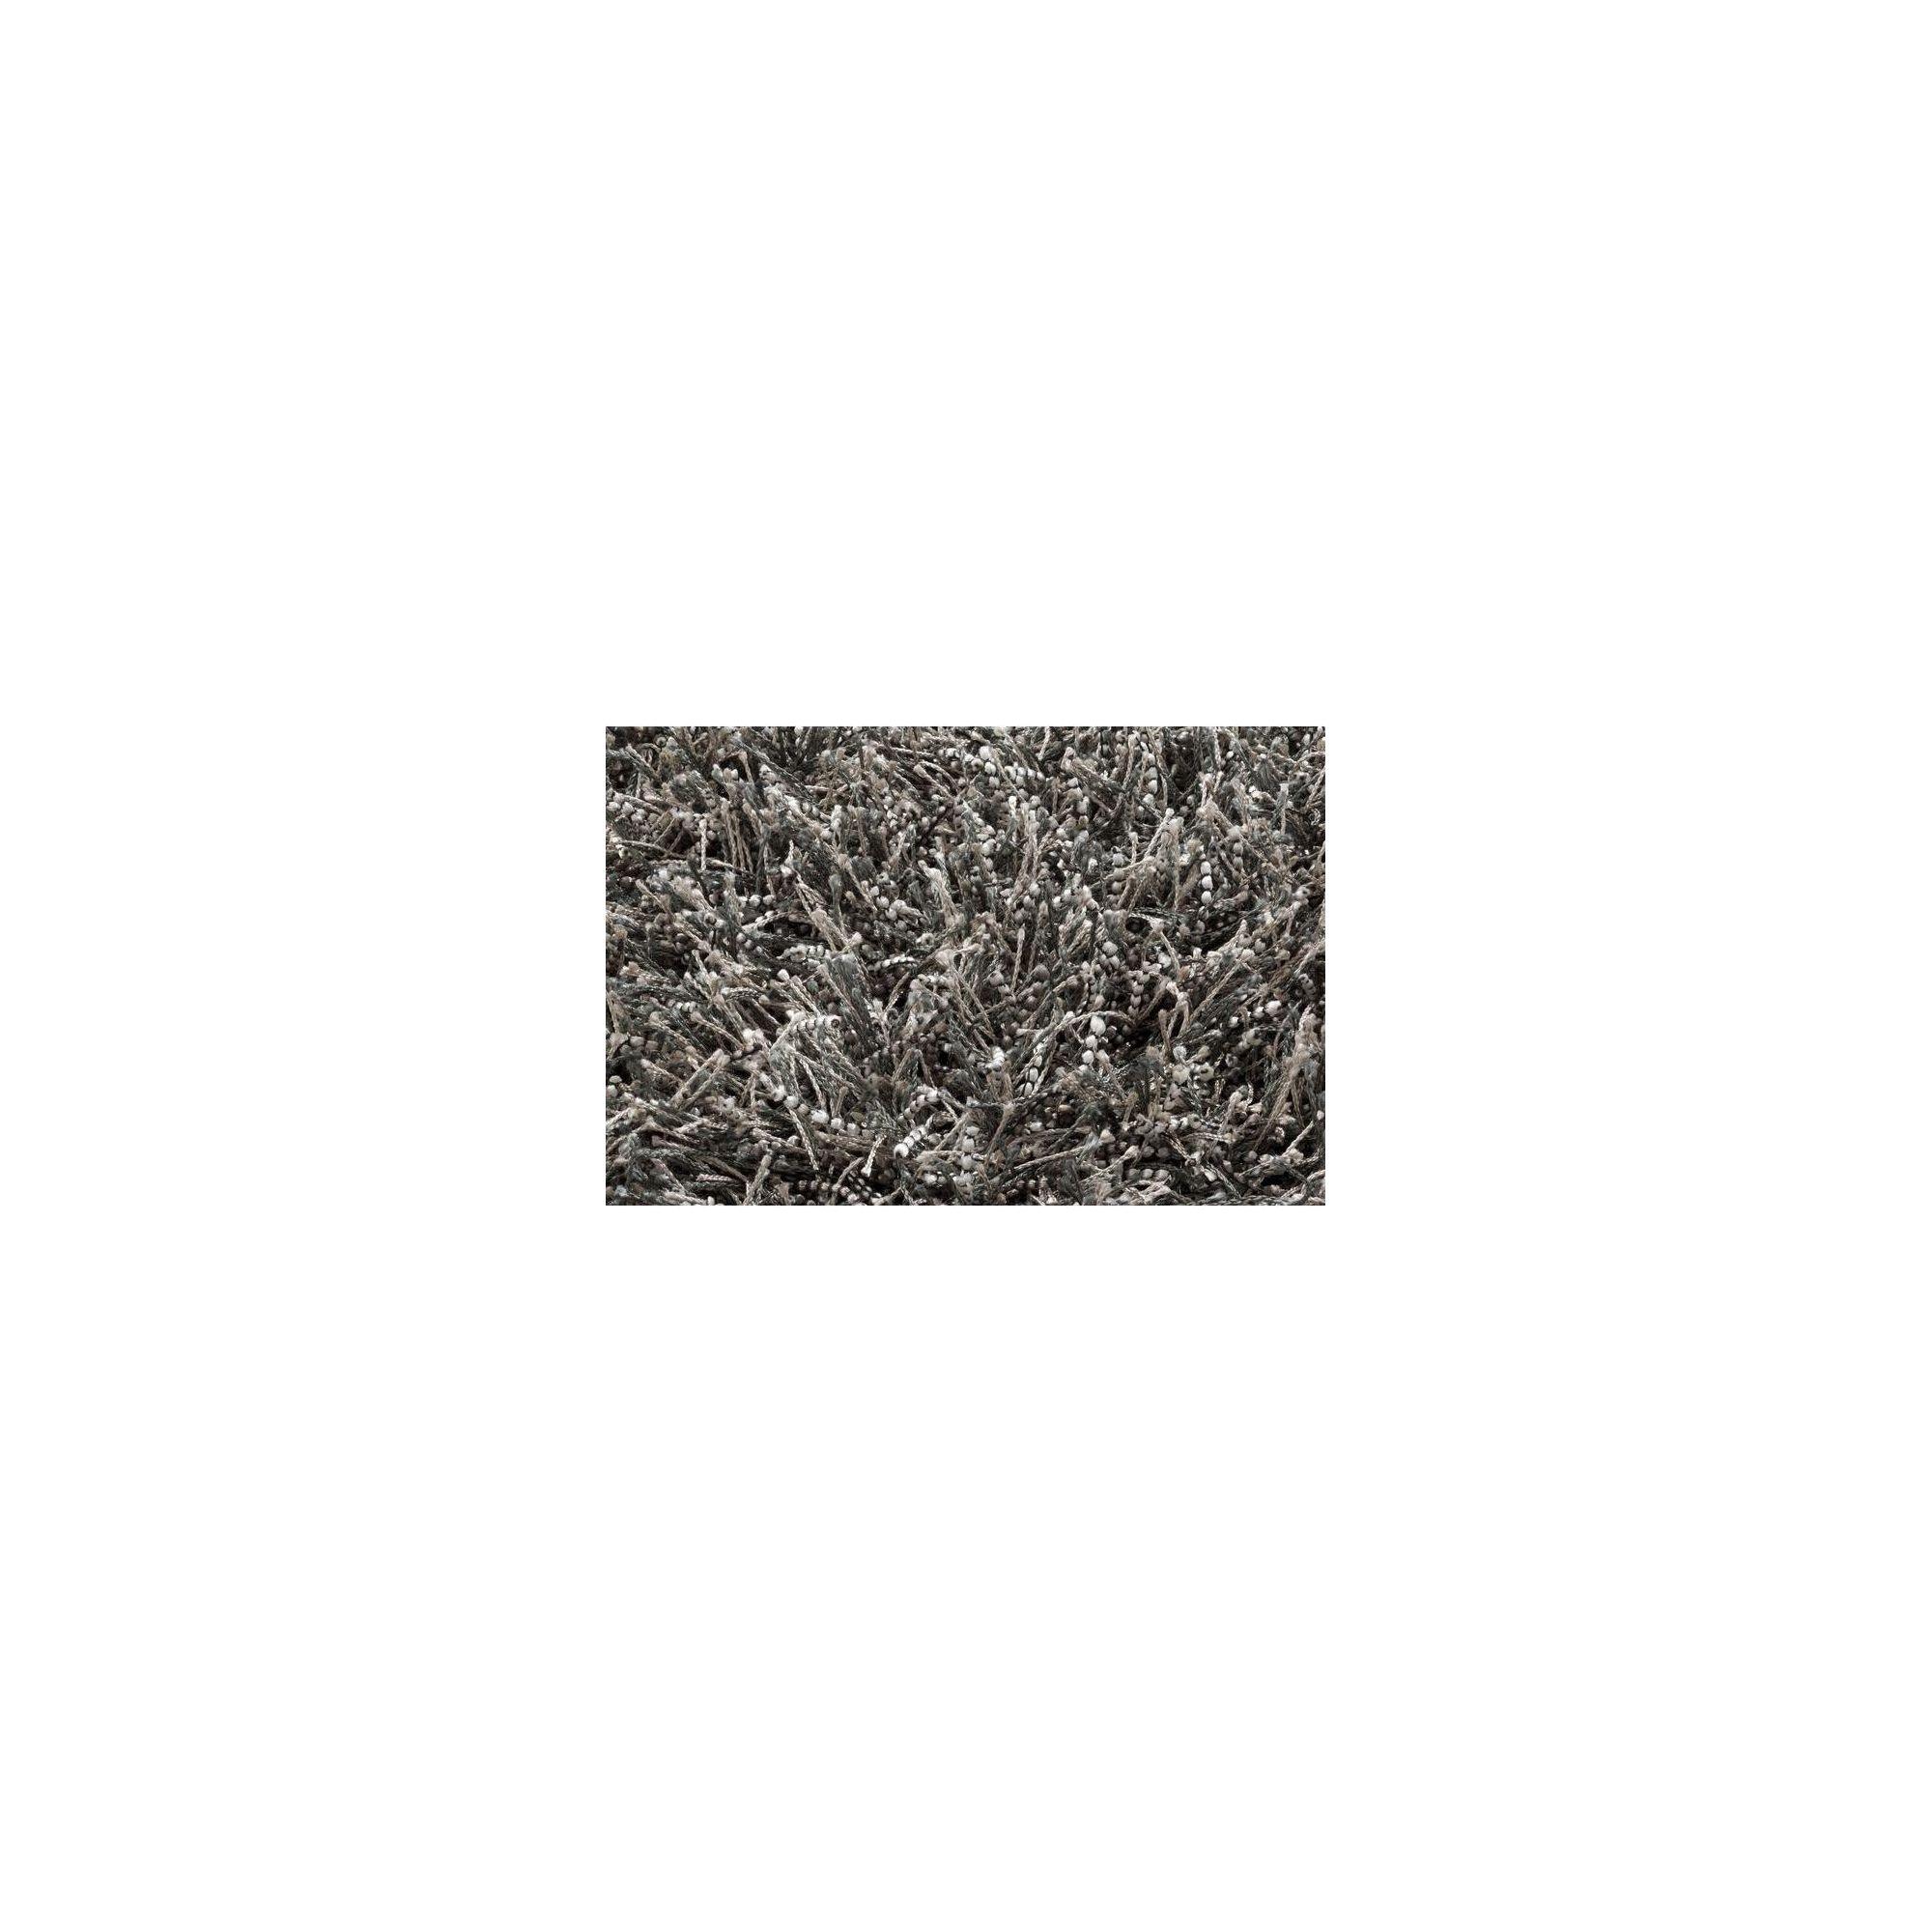 Linie Design Sprinkle Dark Grey Shag Rug - 230cm x 160cm at Tesco Direct